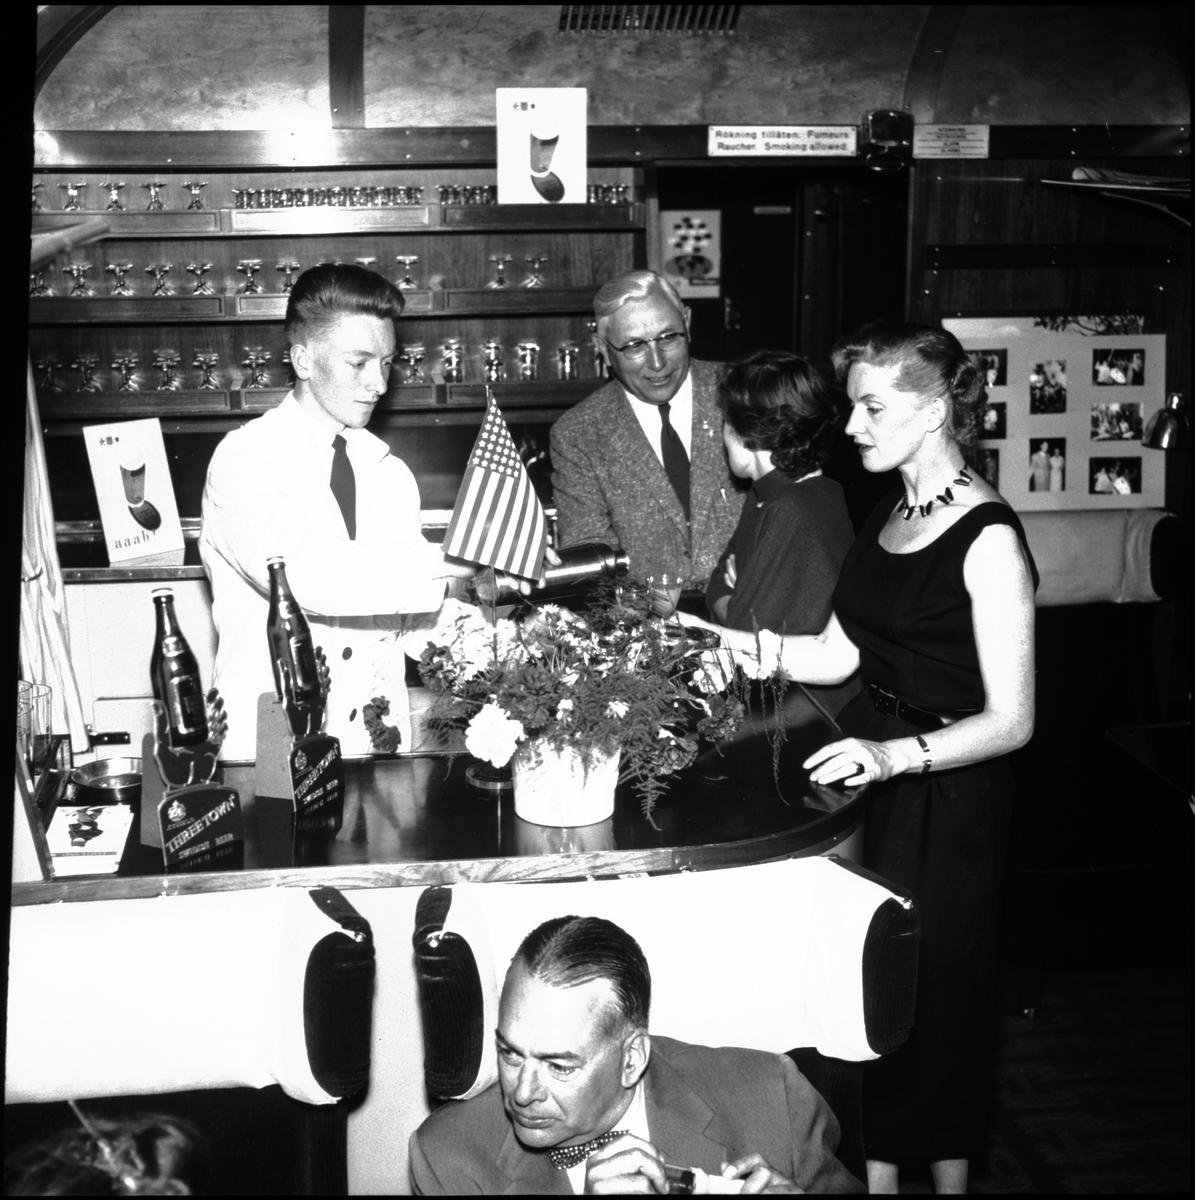 """Interiör barvagnen, Swedish Night Light Cruising, SNLC. """"Dollartåget"""" uppkom som ett försök att minska efterkrigstidens valutabrist, man riktade sig i första hand till köpstarka amerikanska turister, därav det myntade namnet"""